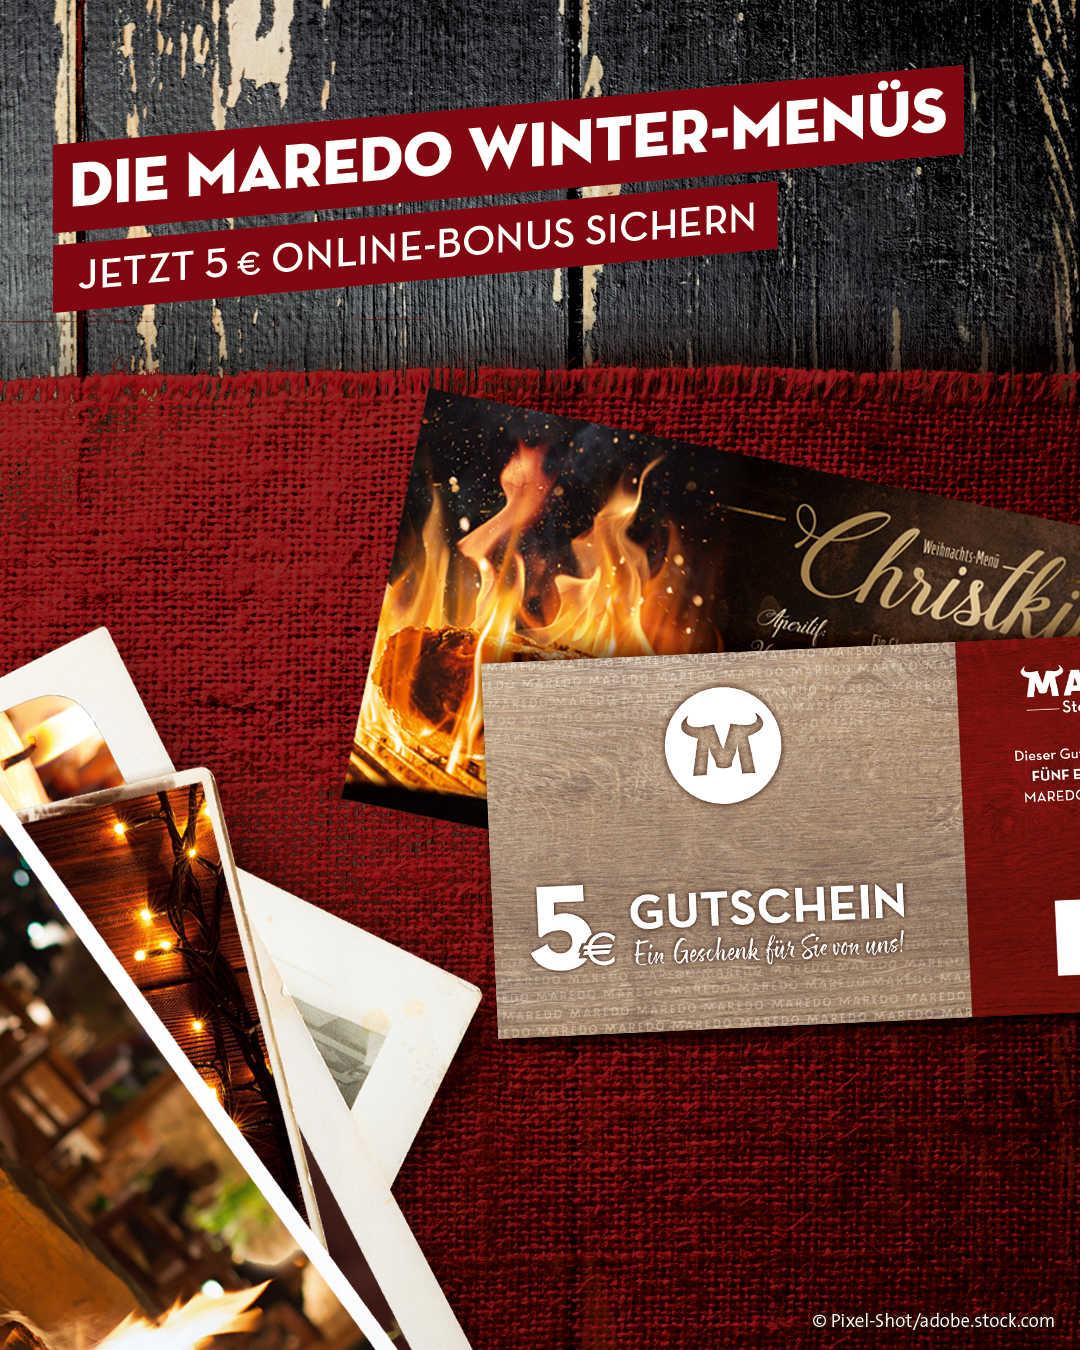 FB Image GS Winter Menues 1080x1350 3 3